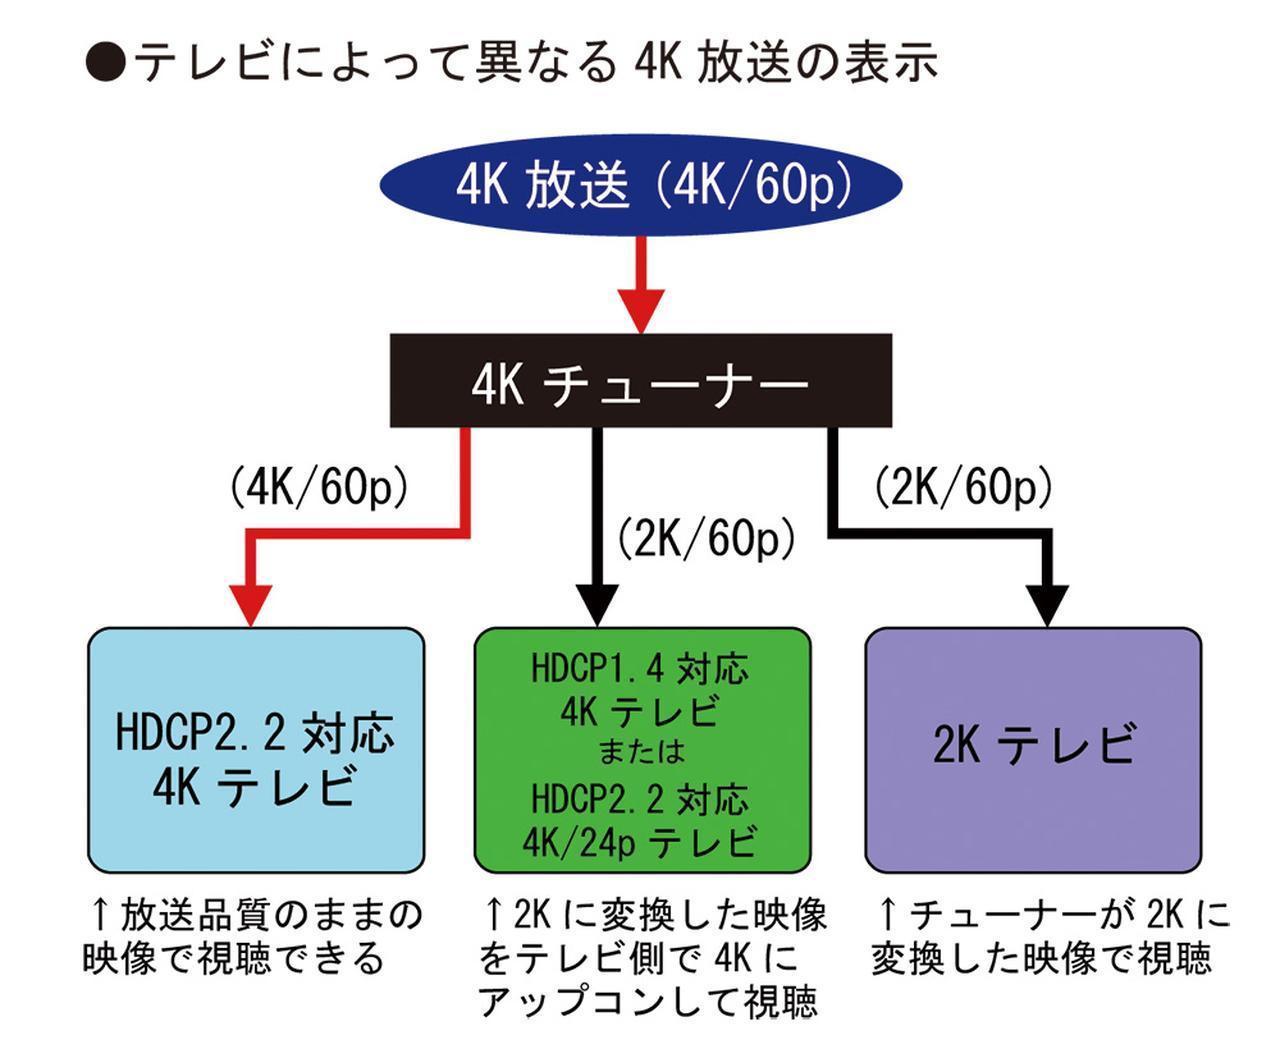 画像2: 放送開始までいよいよ1週間! 4Kチューナーを買う前に、知っておきたいポイントはここだ <新4K8K衛星放送、まるわかり!:その3>